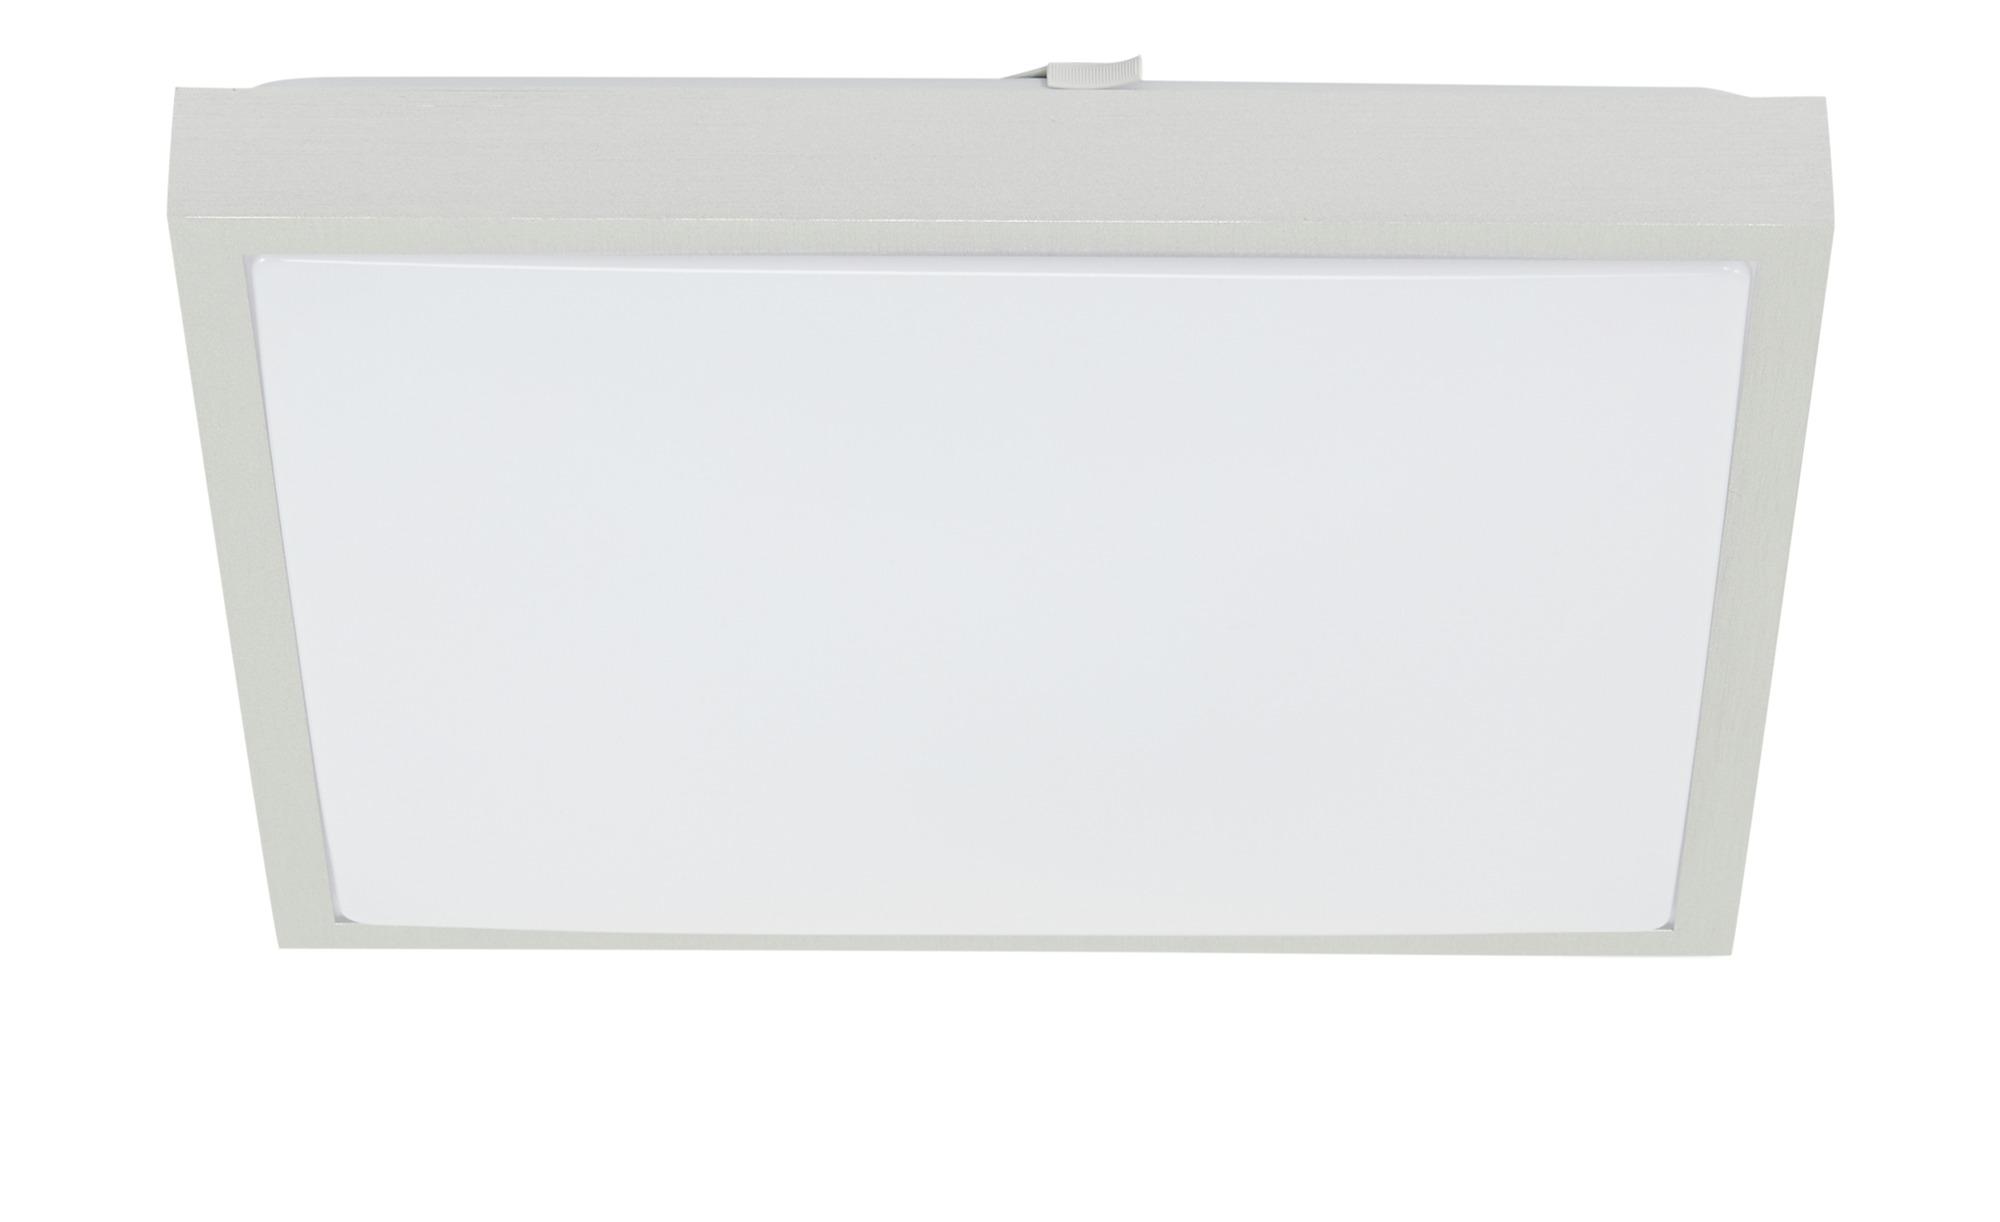 KHG LED-Deckenleuchte, 1-flammig, weiß, eckig ¦ weiß ¦ Maße (cm): B: 40 H: 8 Lampen & Leuchten > Innenleuchten > Deckenleuchten - Höffner